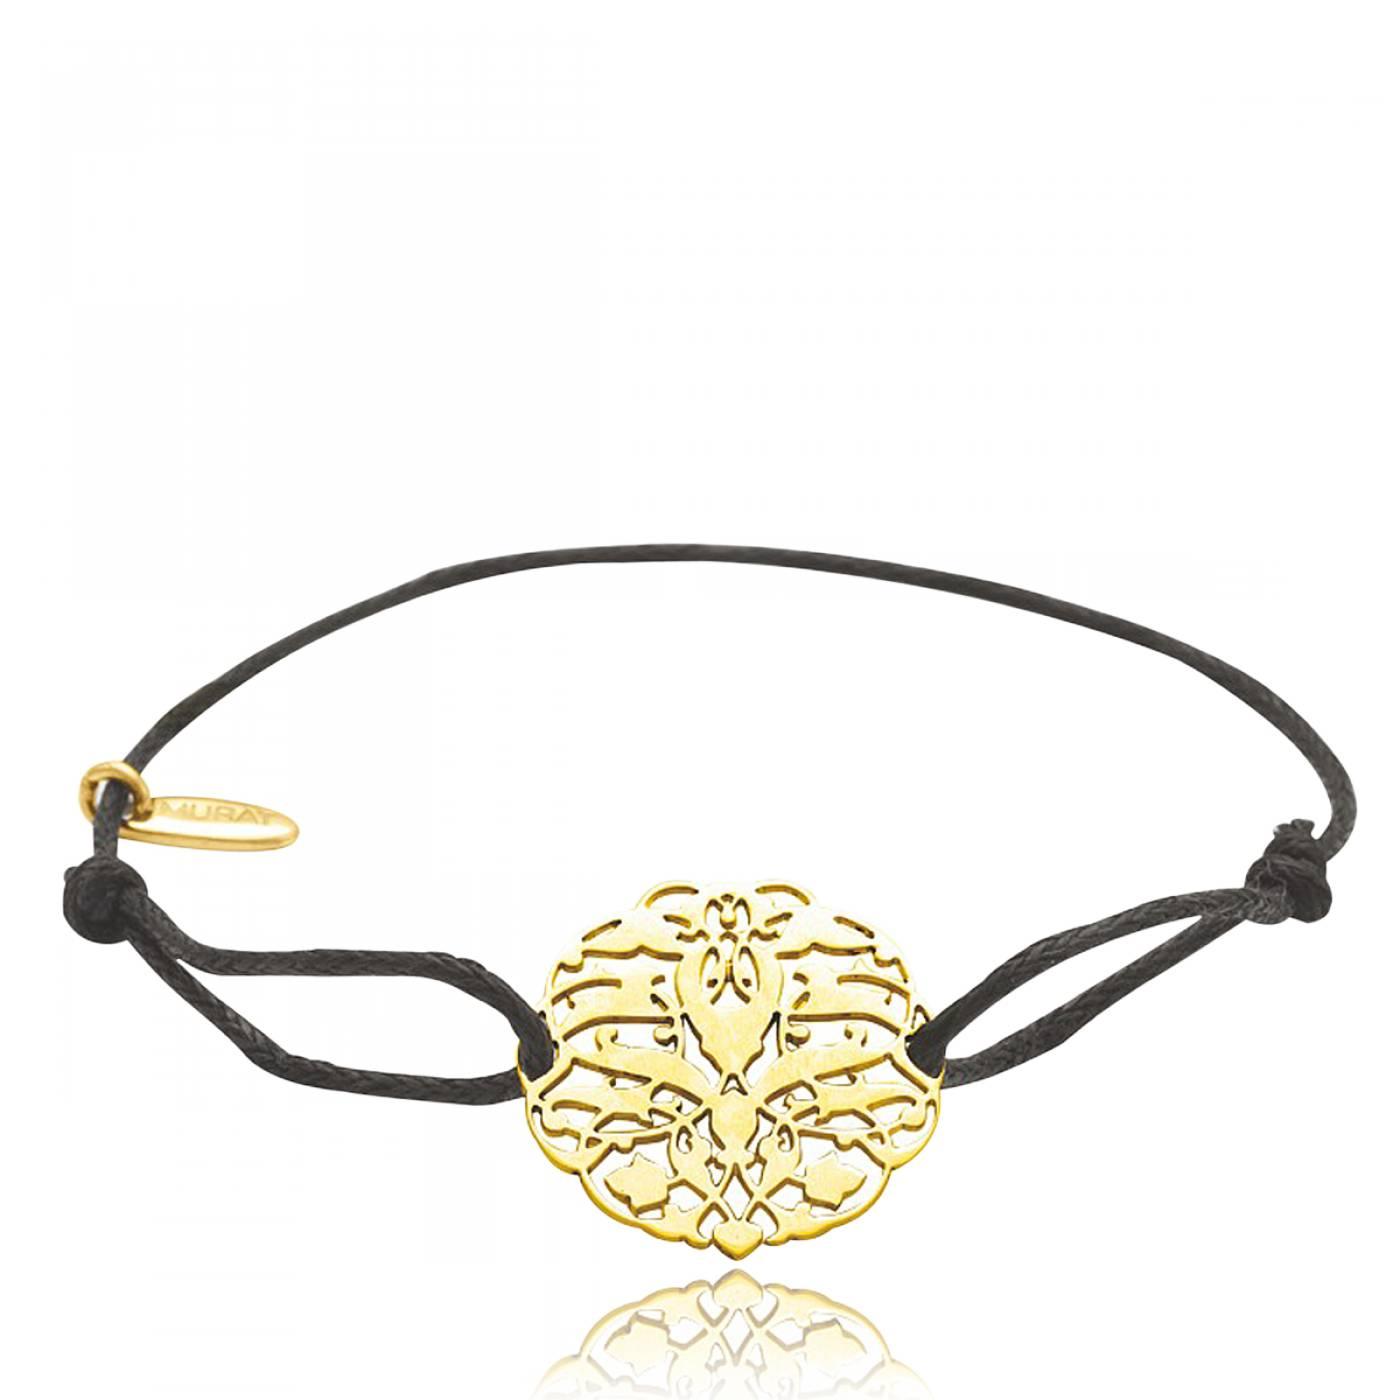 Bien-aimé Bracelet Femme Arbre de Vie Plaqué Or & Coton Ciré Noir - Murat Paris XM38